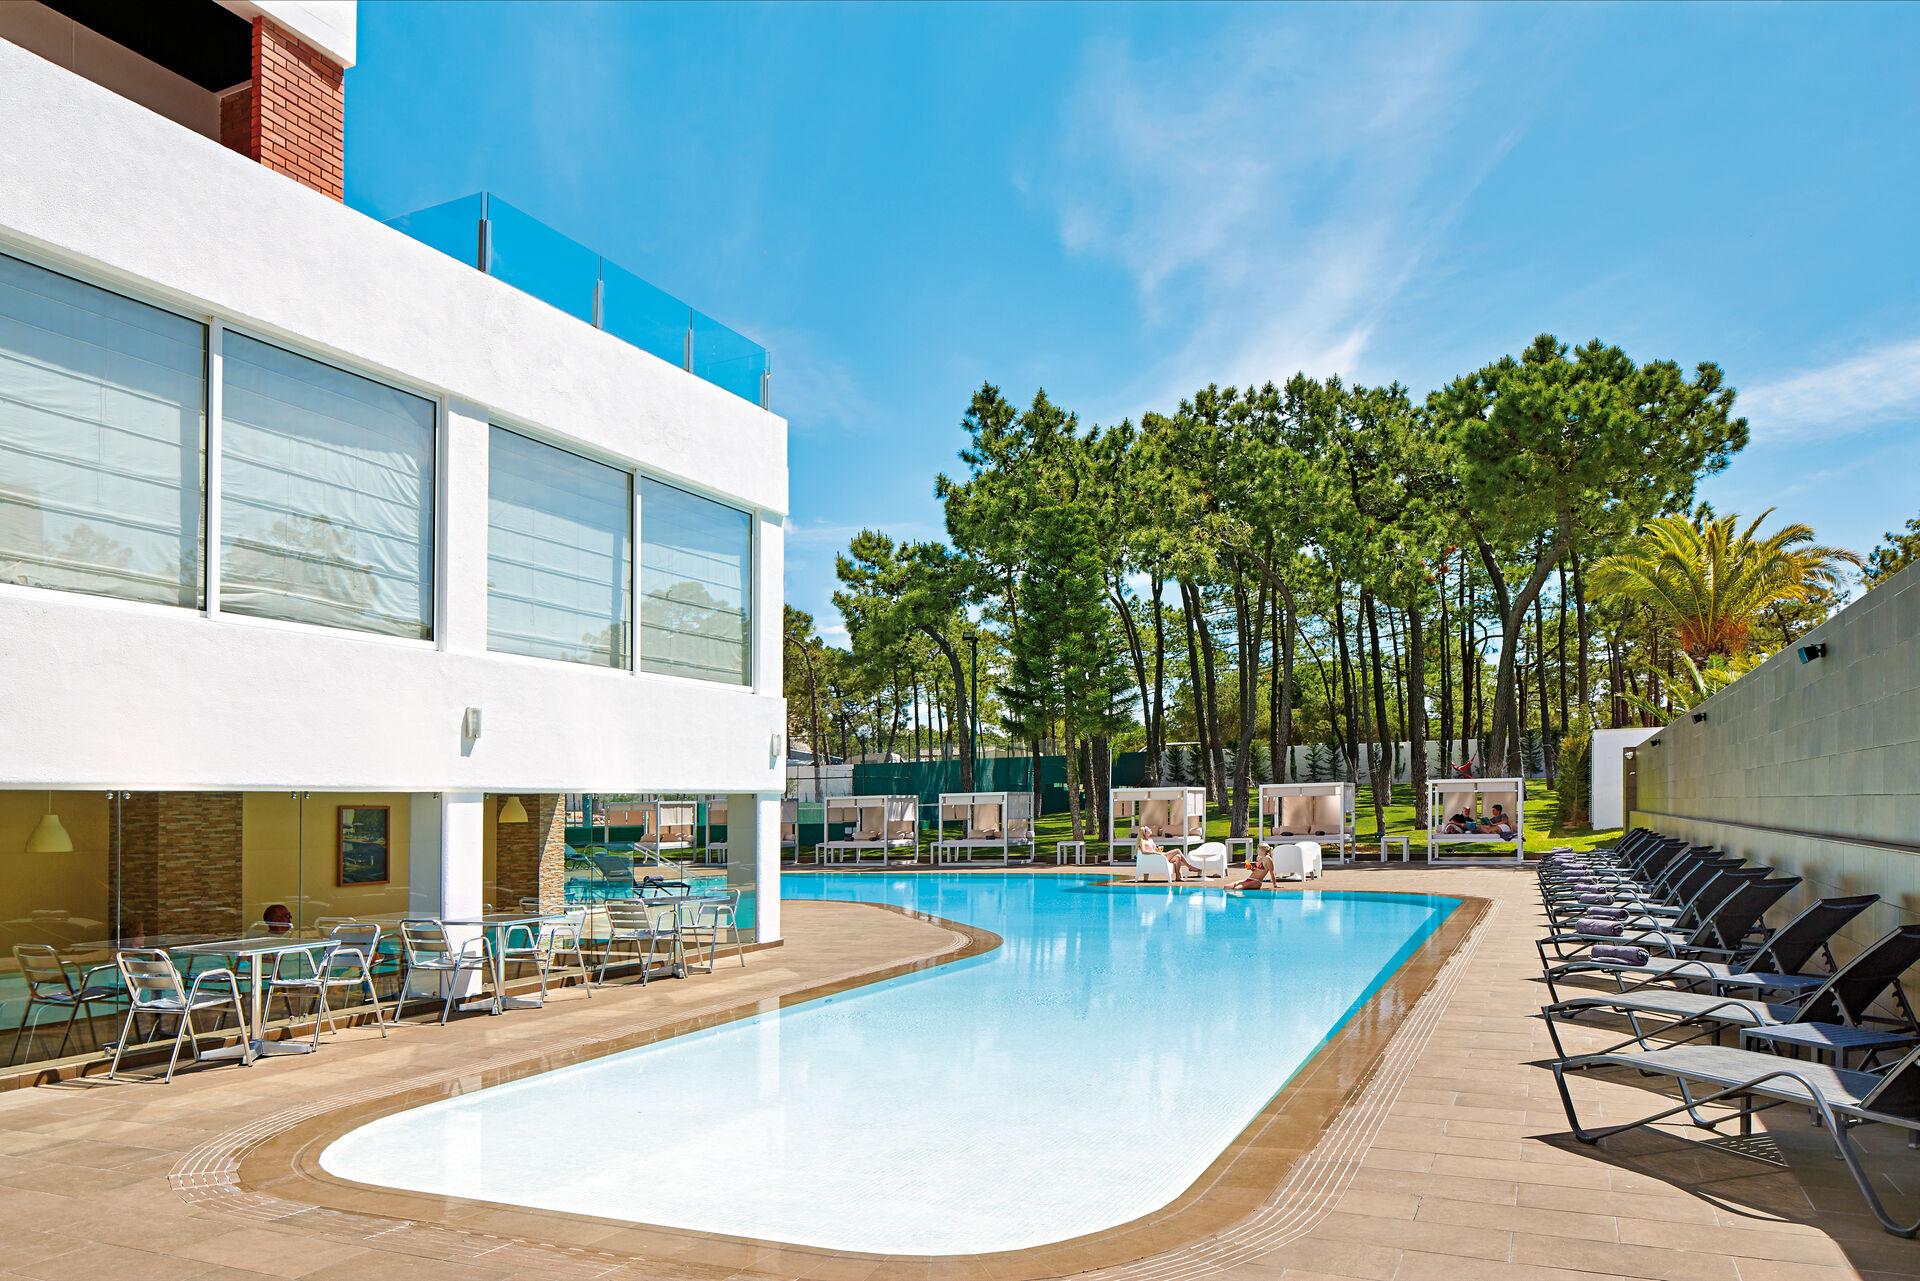 Portugal - Algarve - Faro - Monte Gordo - Hôtel Alcazar 4*